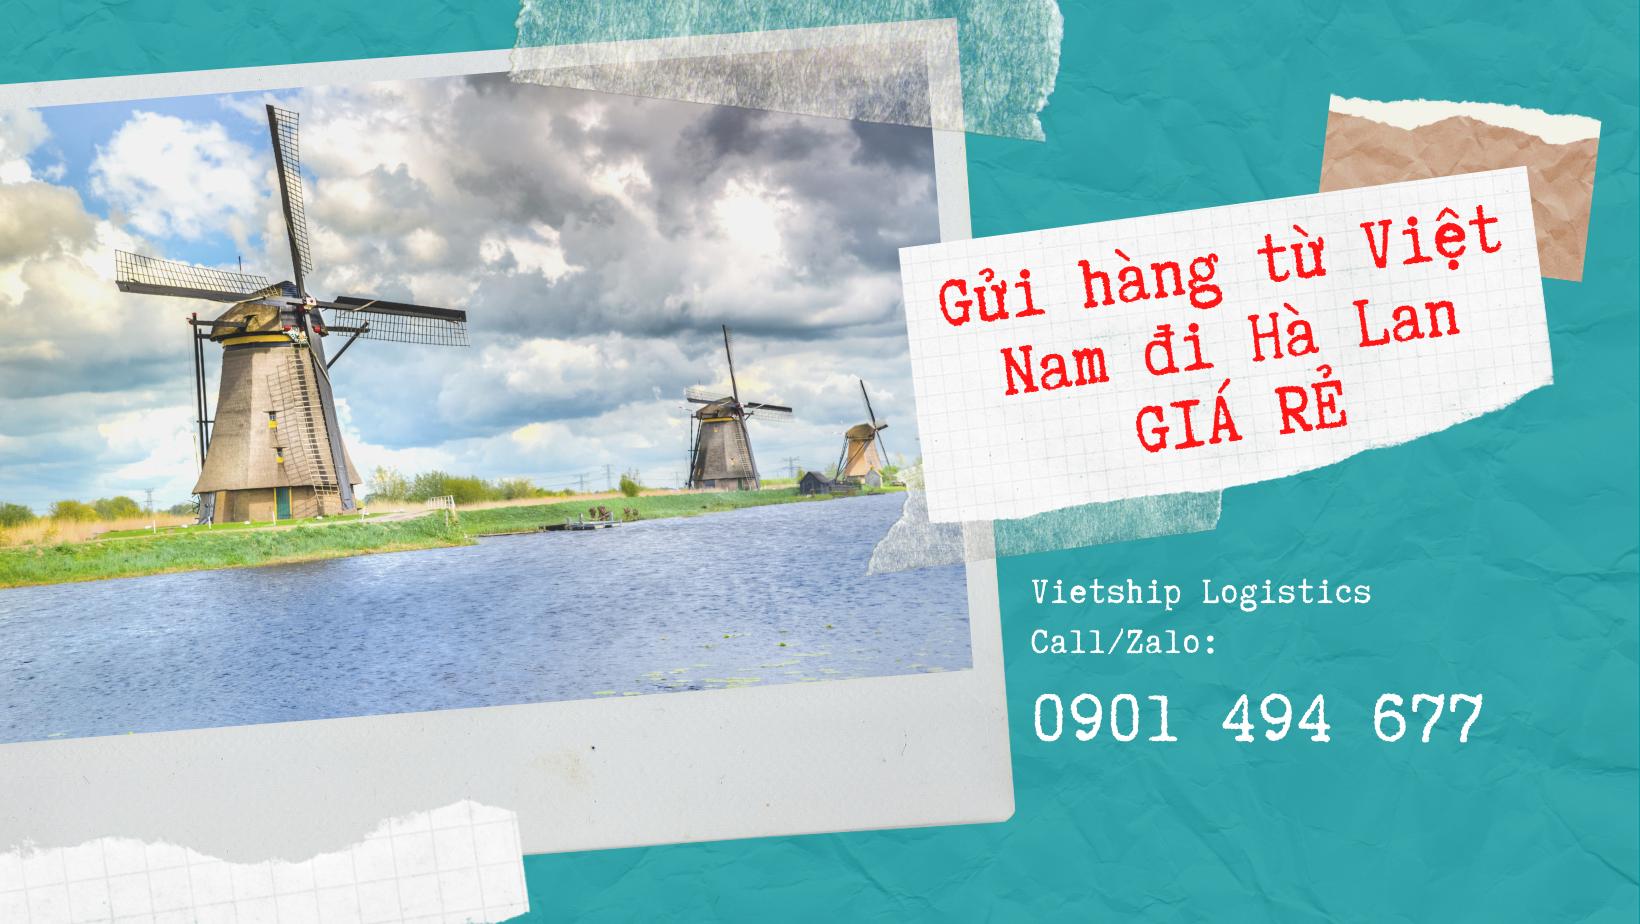 Gửi hàng từ Việt Nam đi Hà Lan giá rẻ, nhanh chóng